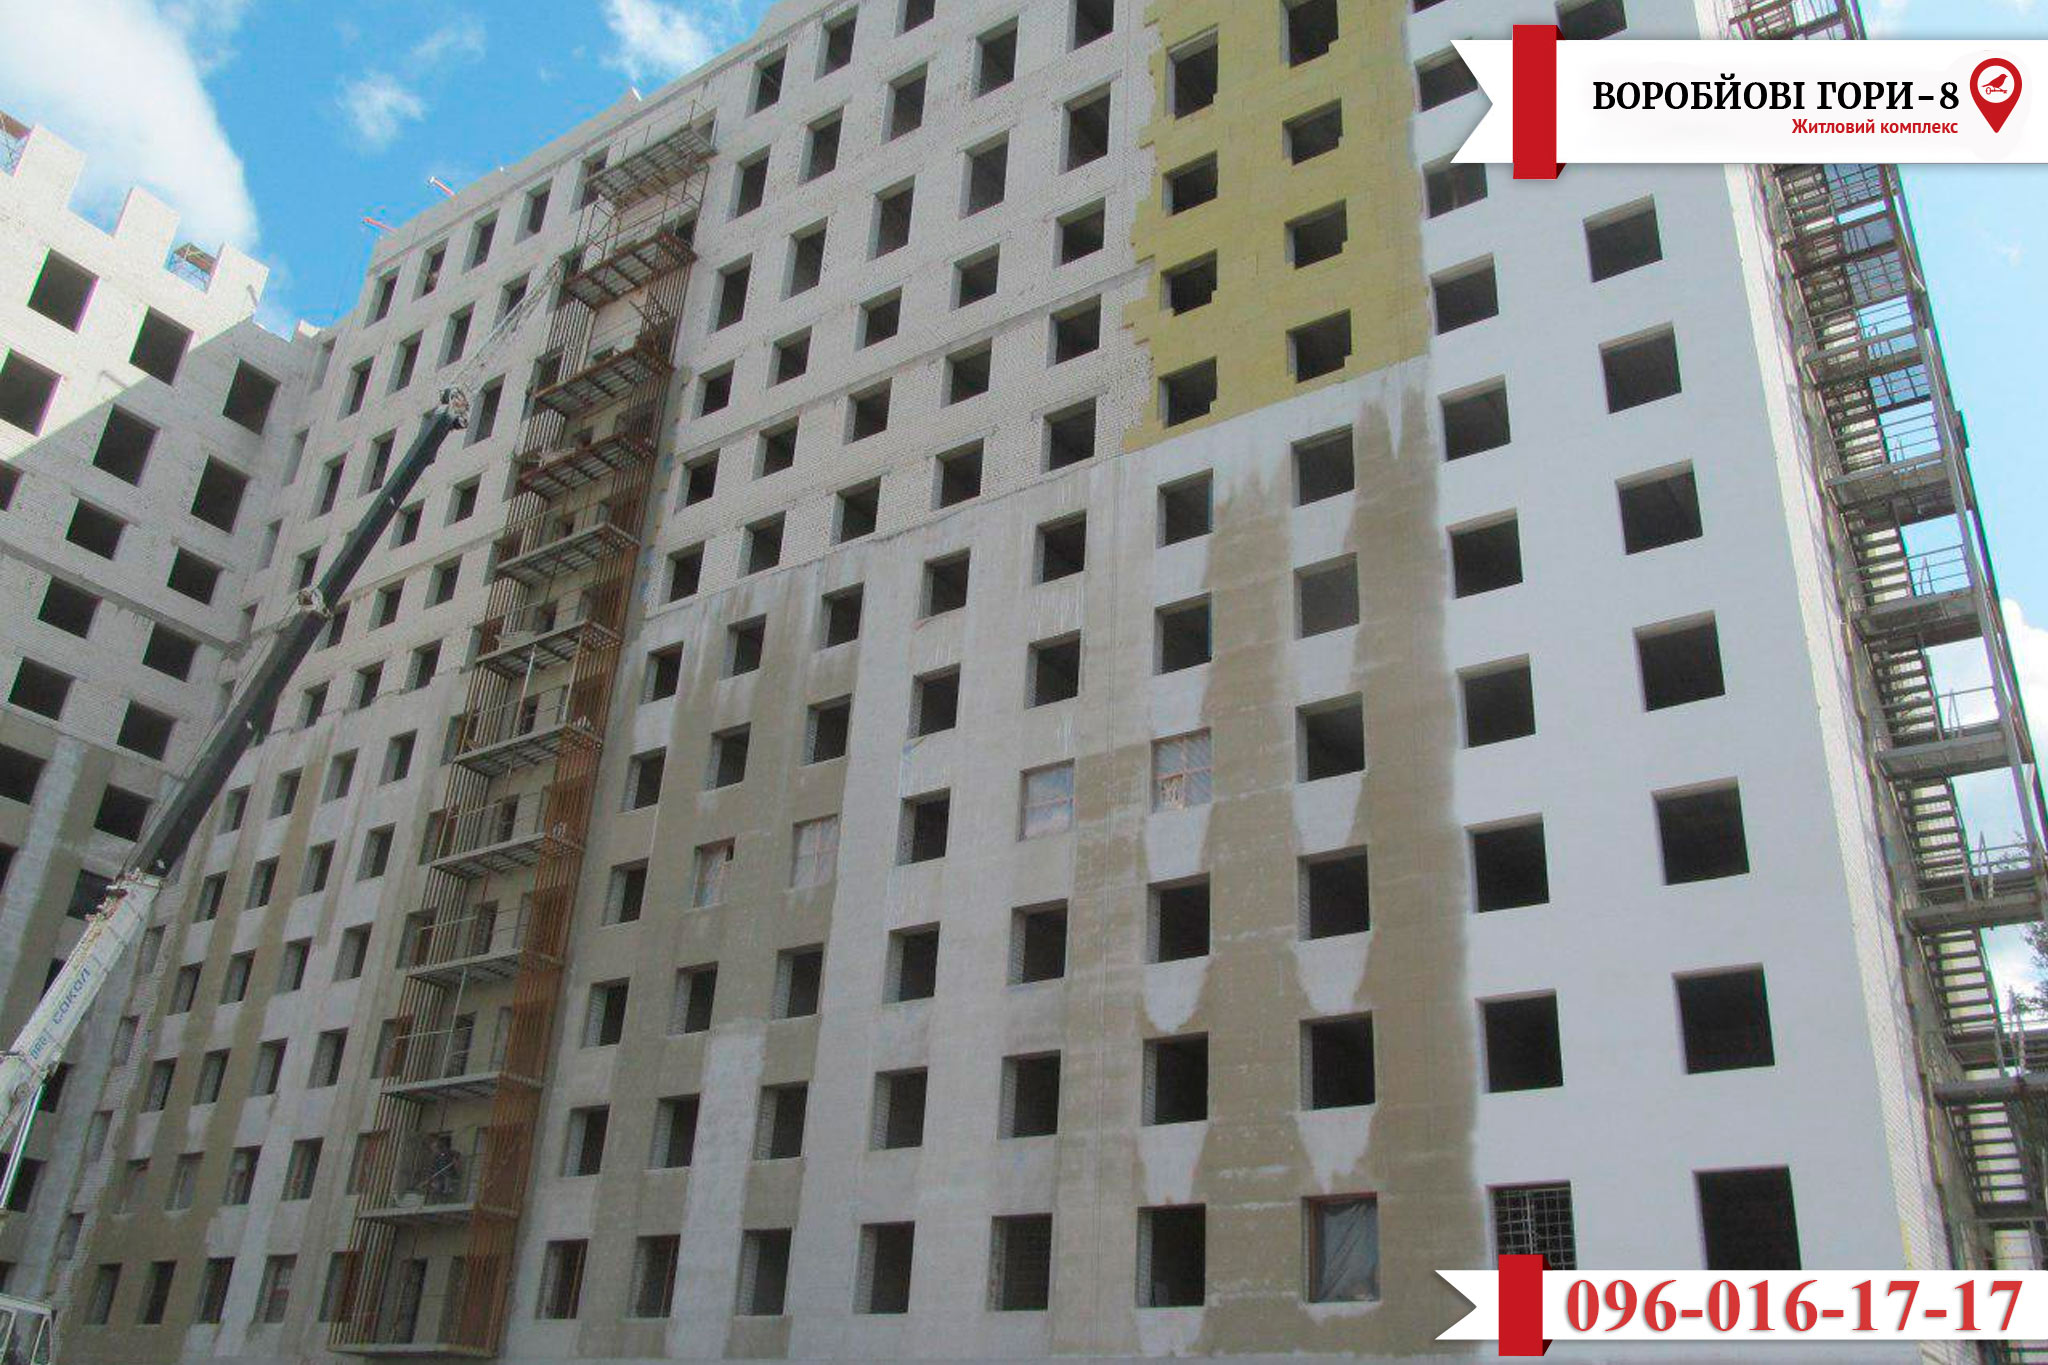 Актуальна інформація про хід будівництва восьмої новобудови «Воробйовi Гори» на Академіка Павлова